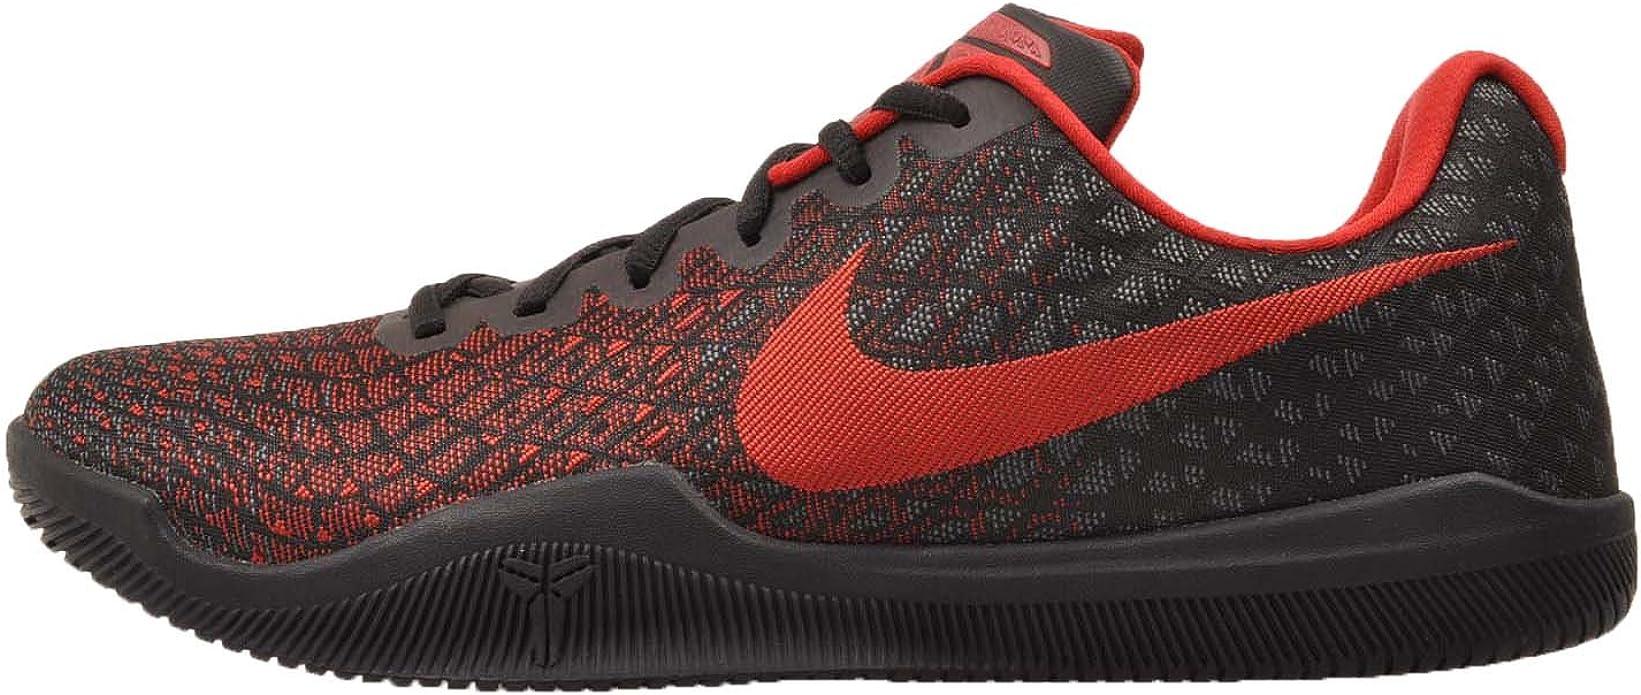 Nike Chaussures Mamba Instinct: Nike: : Chaussures